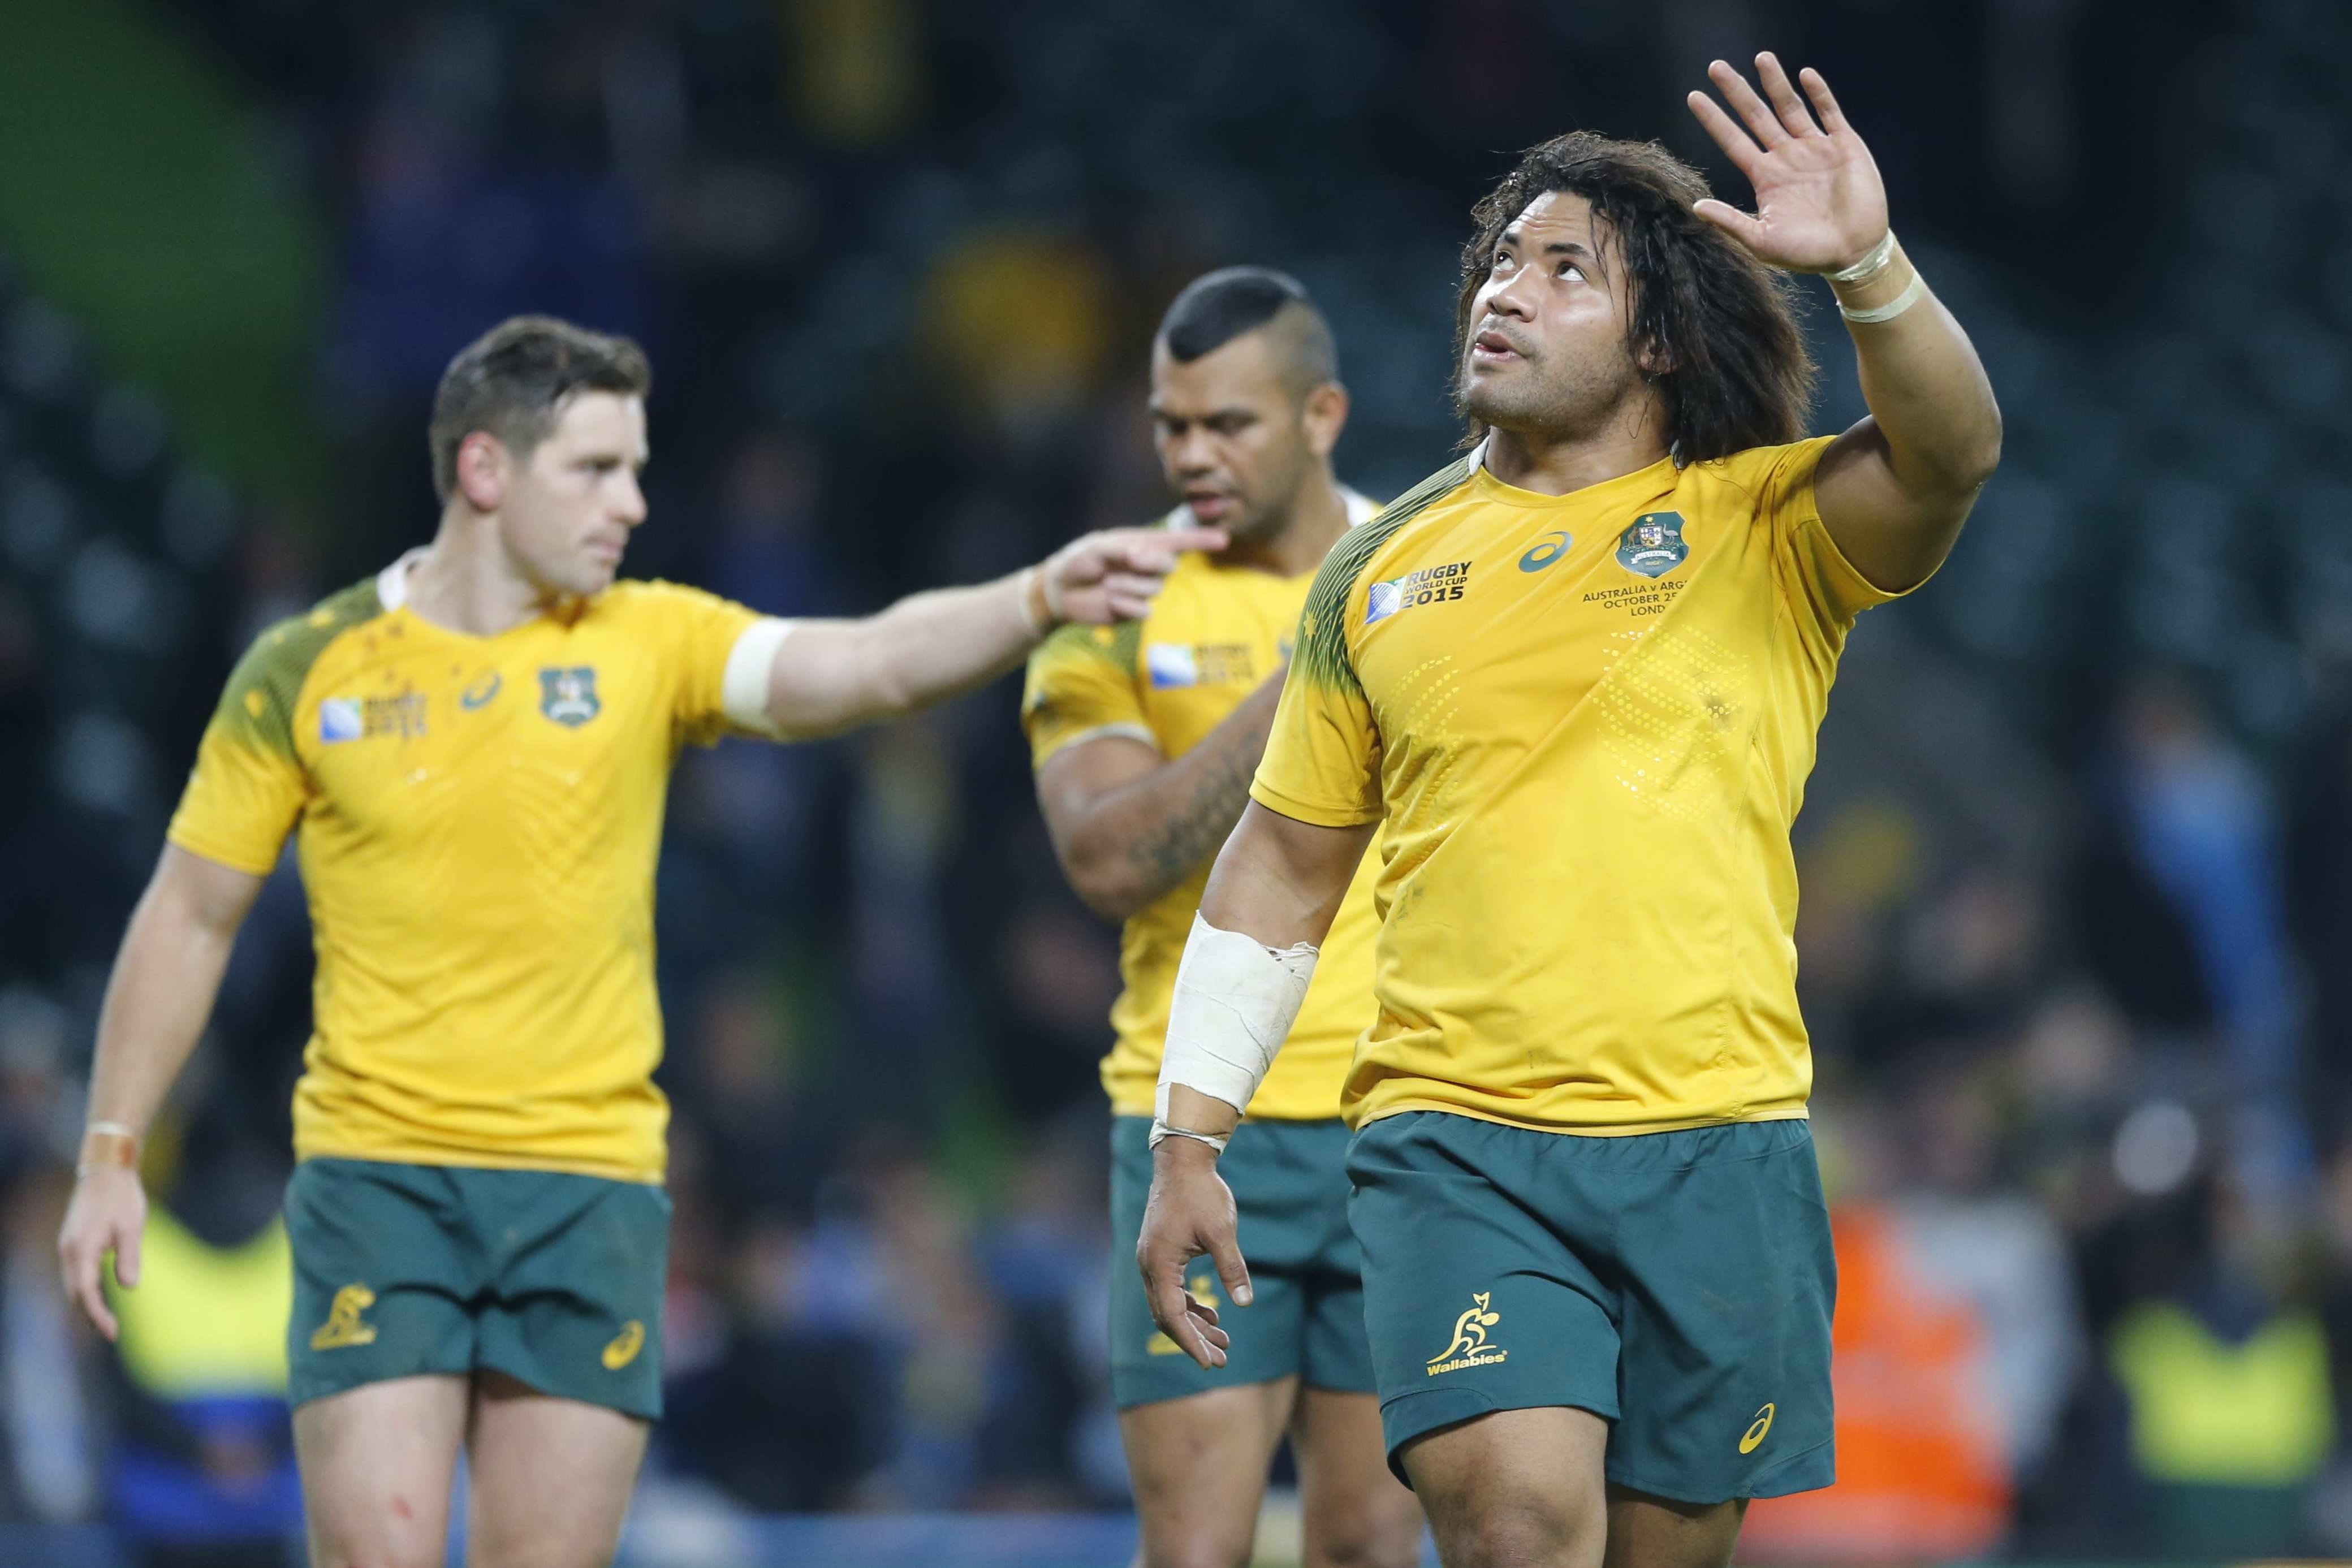 Coupe du monde de rugby 2015 avant la finale les - Finale coupe du monde 2015 ...